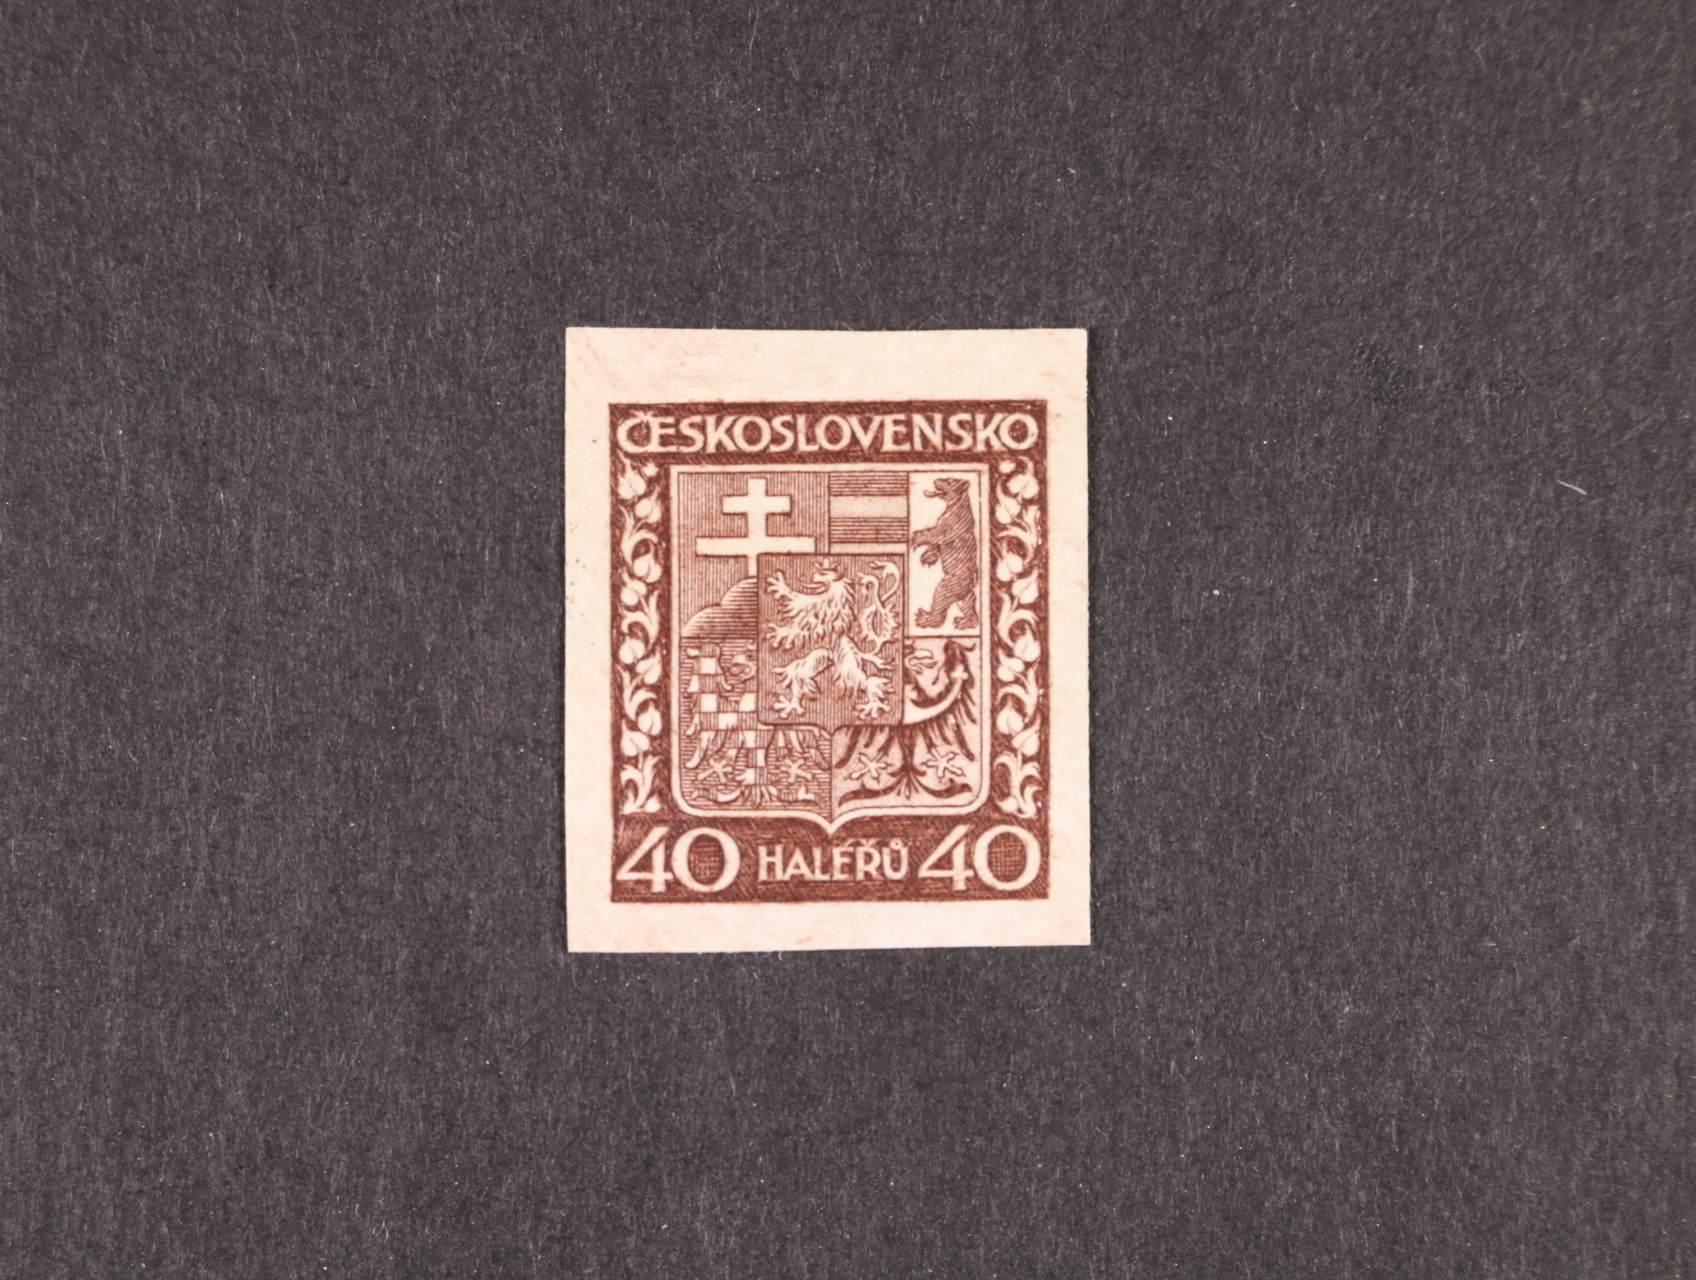 zn. č. 253 N tmavěhnědá, zk. Gilbert, Beneš